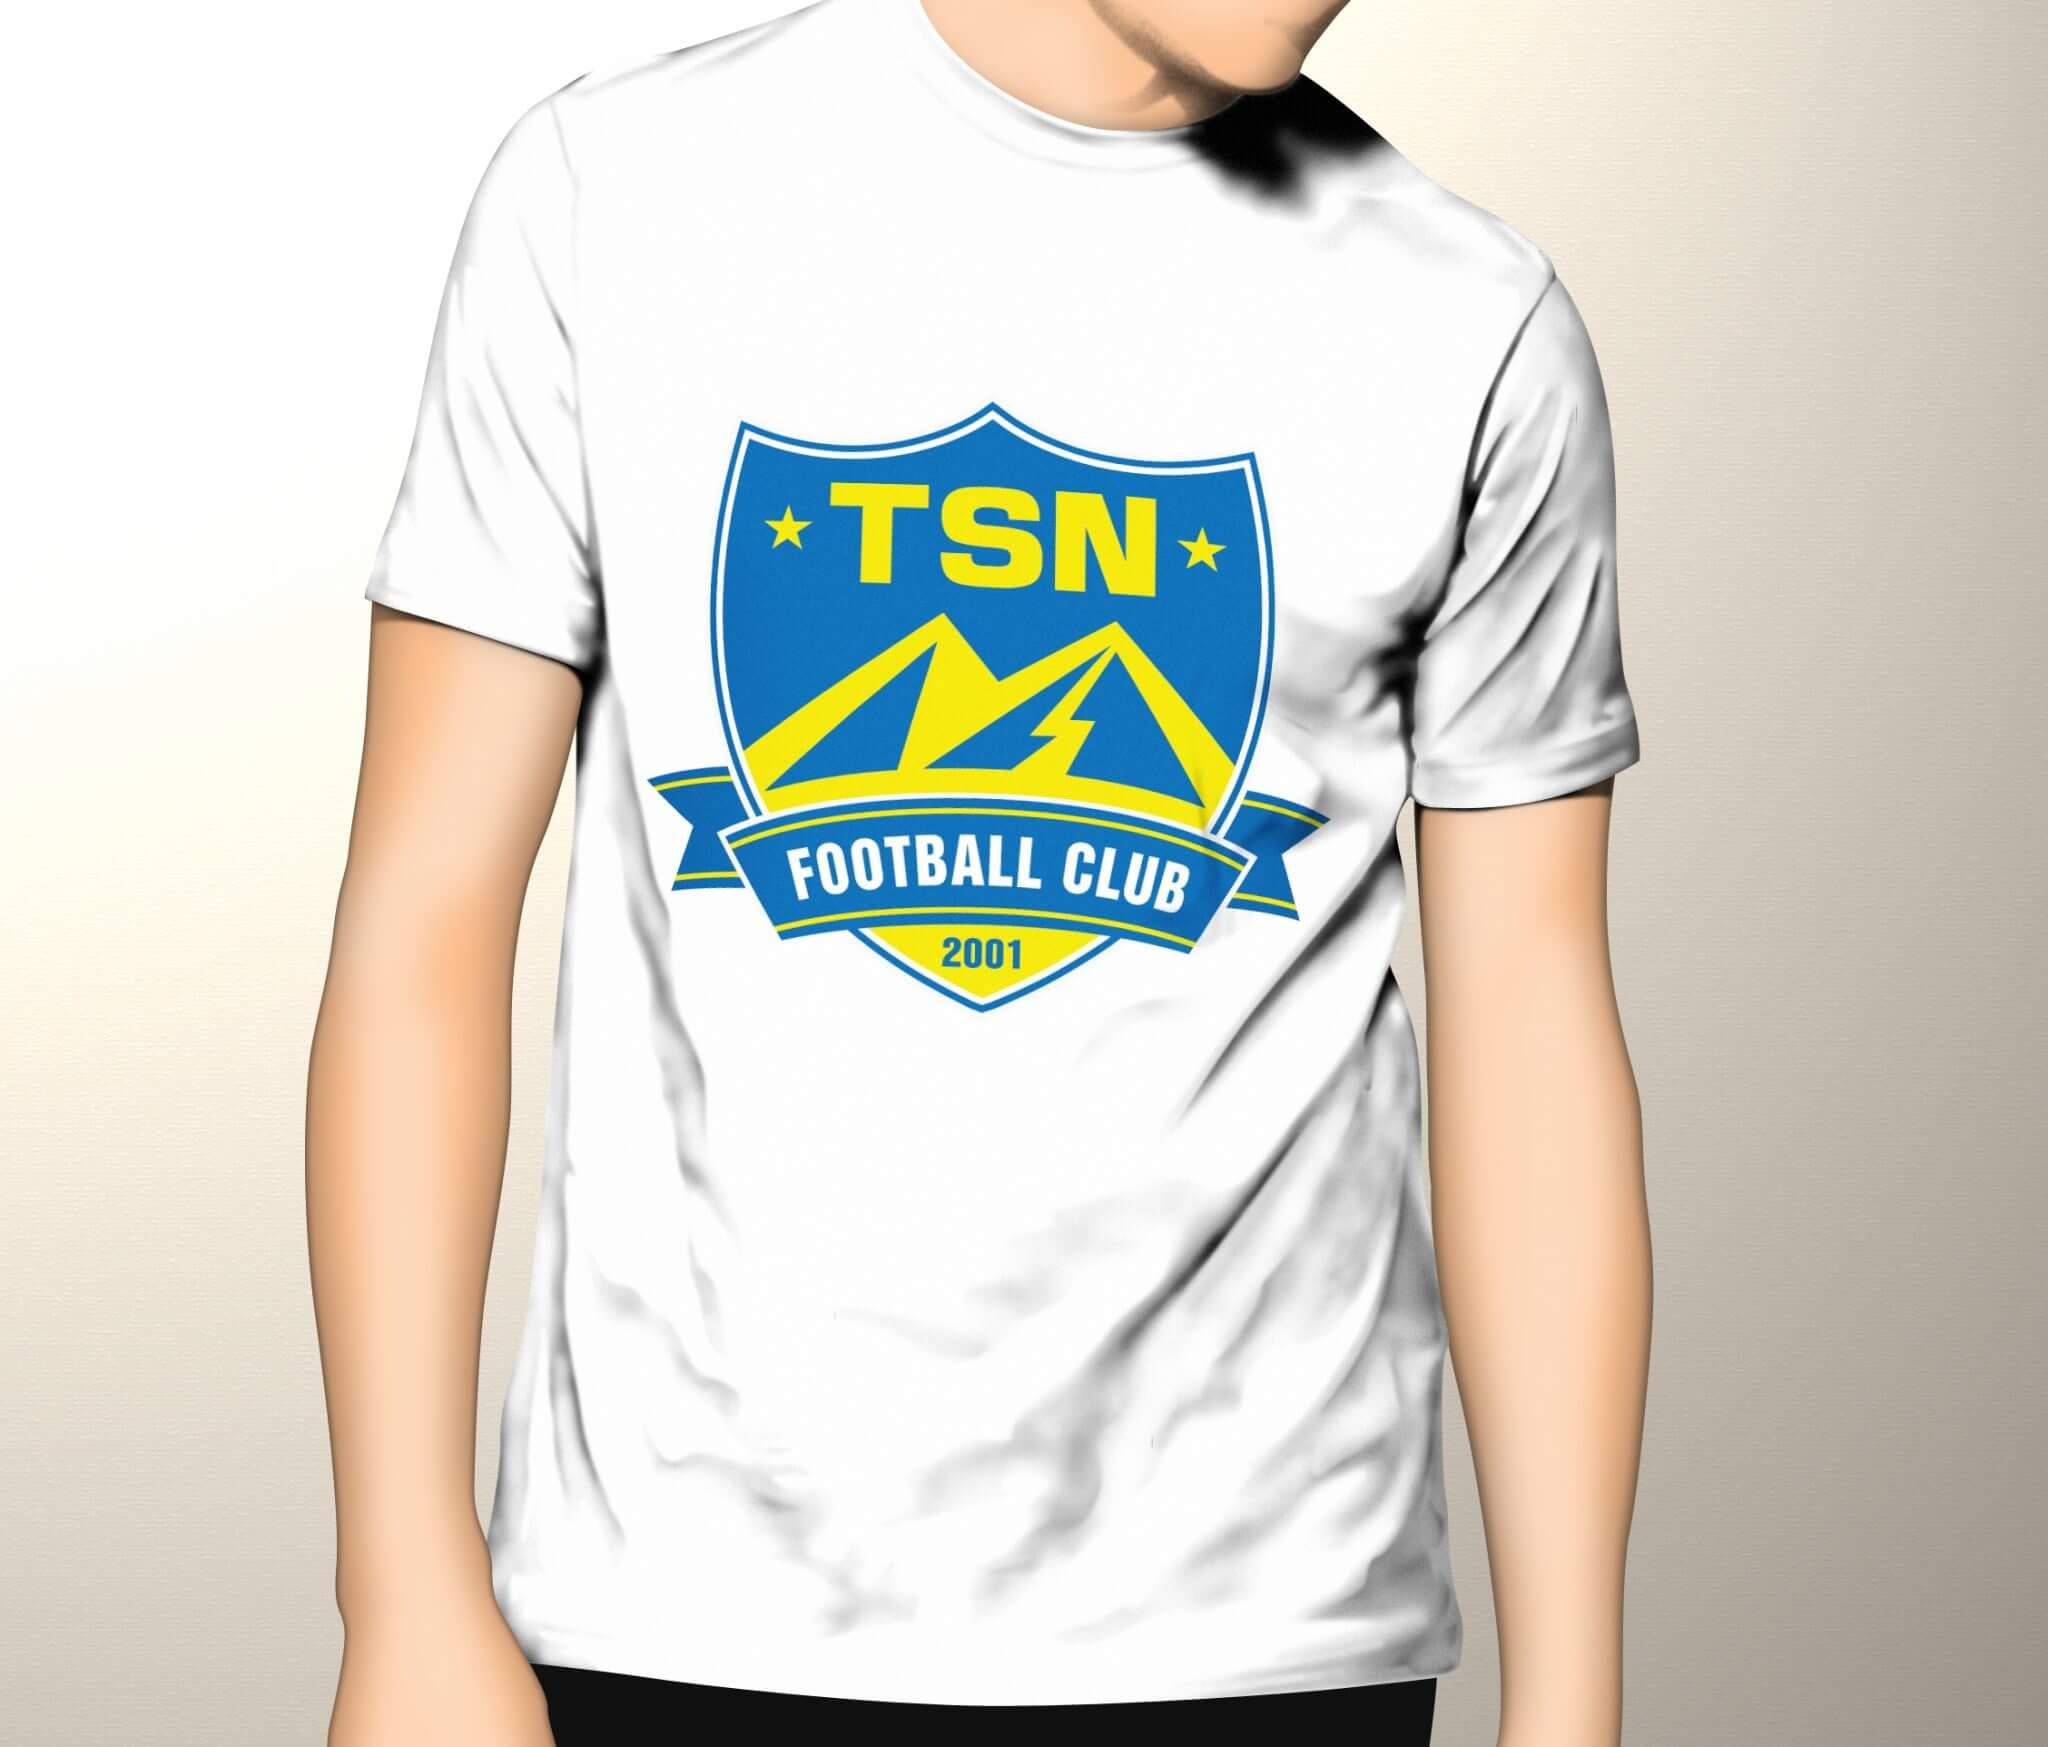 T shirt mock up vol013 - T-shirt-mock-up-vol013